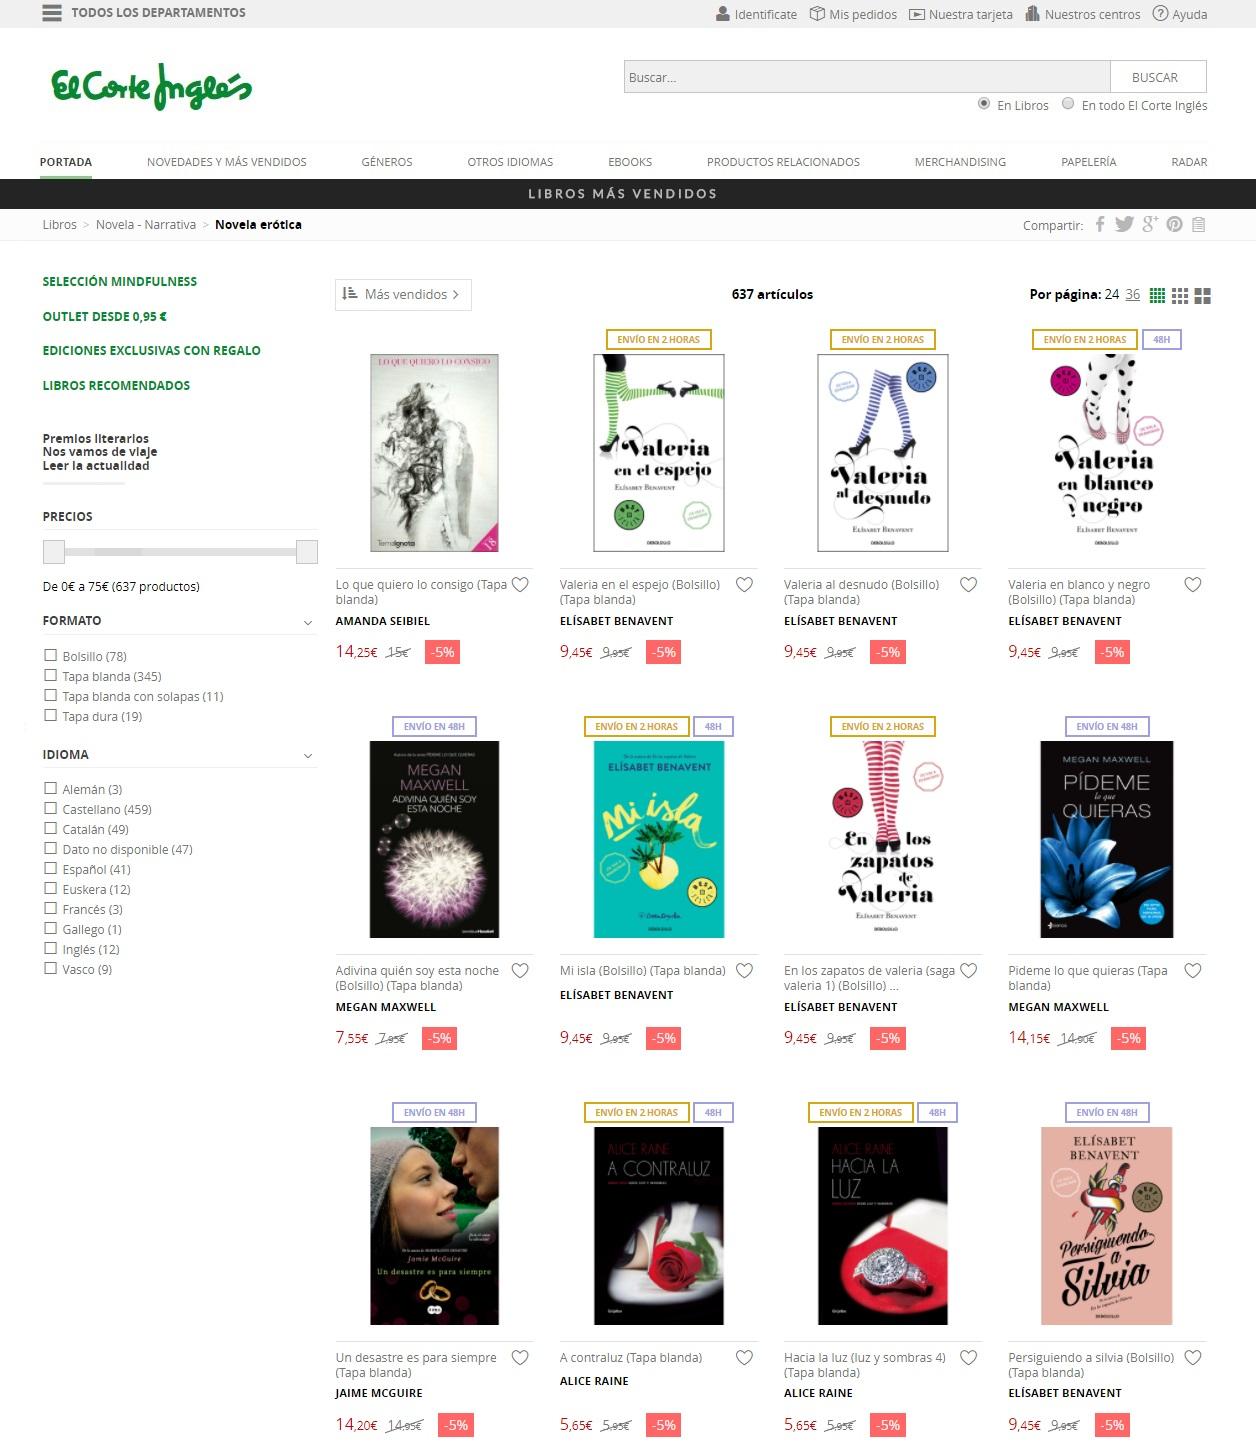 Publicar-un-libro-editar-Madrid - Barcelona -España-Cataluña-Catalunya-català-Andalucia-coedicion-autoedicion-tradicional-manuscrito-lo-que-quiero-lo-consigo-amanda-seibiel-el-corte-ingles-top - 2